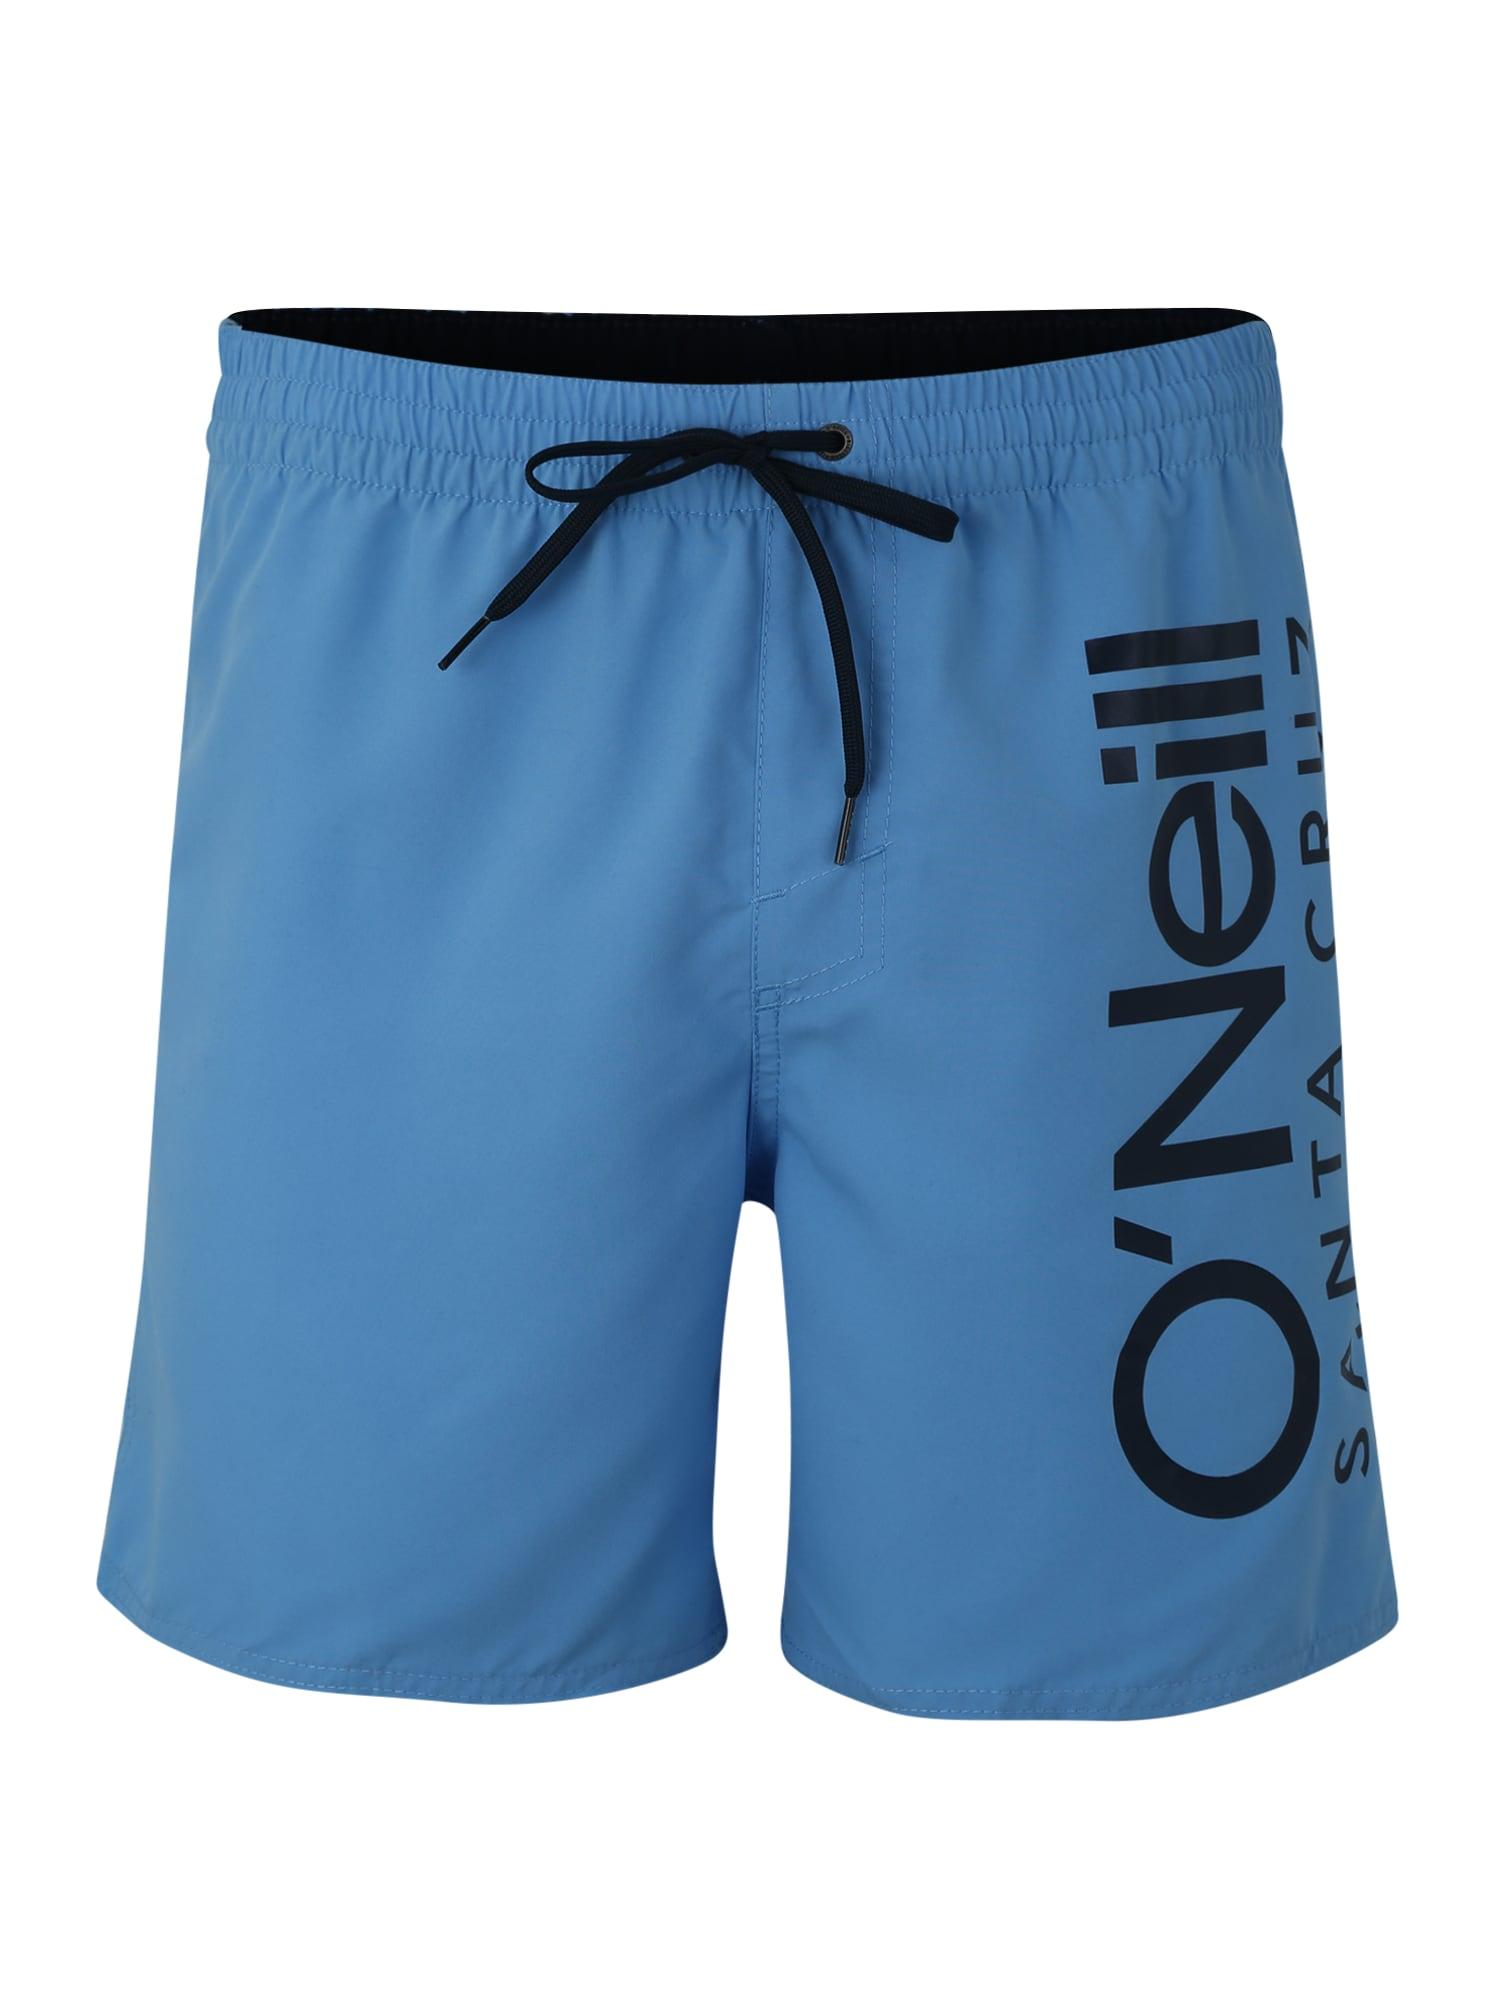 ONEILL Sportovní plavky PM ORIGINAL CALI modrá černá O'NEILL